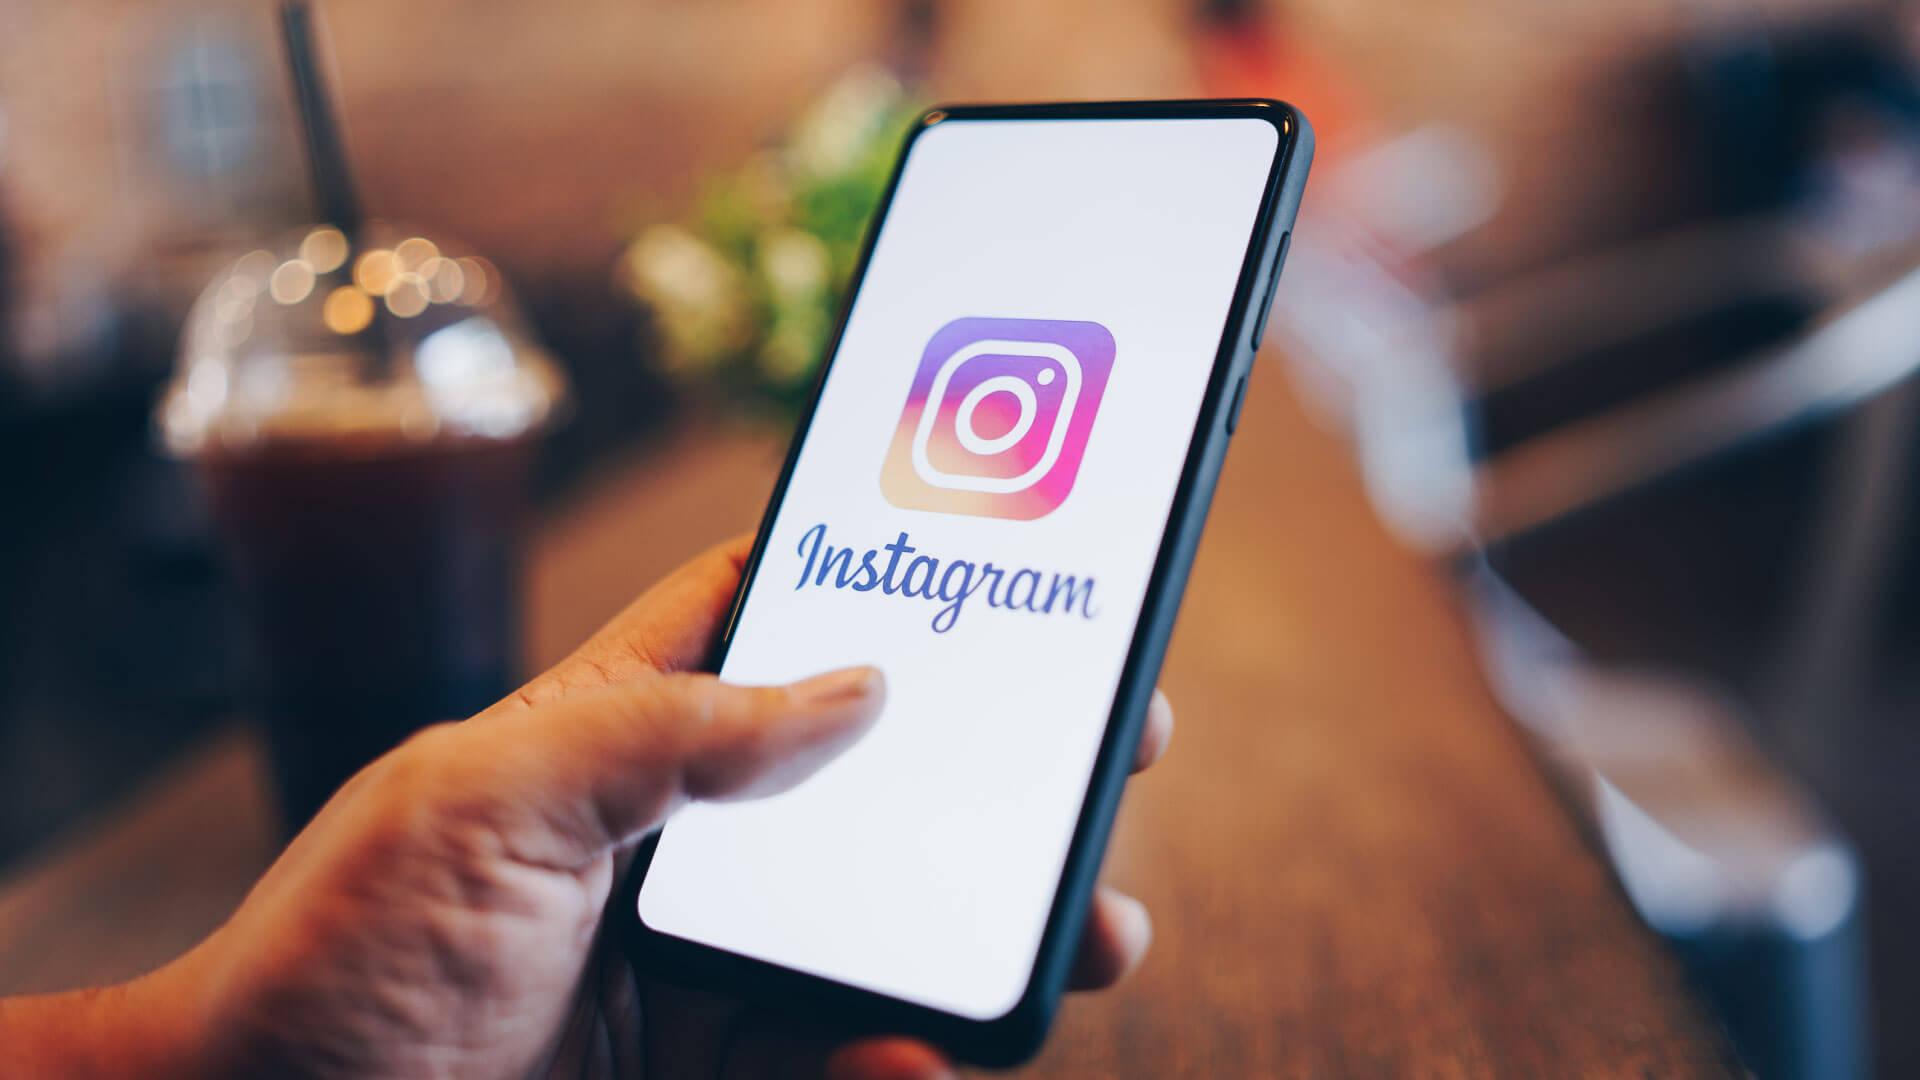 Ventajas del uso de Instagram para empresas y profesionales